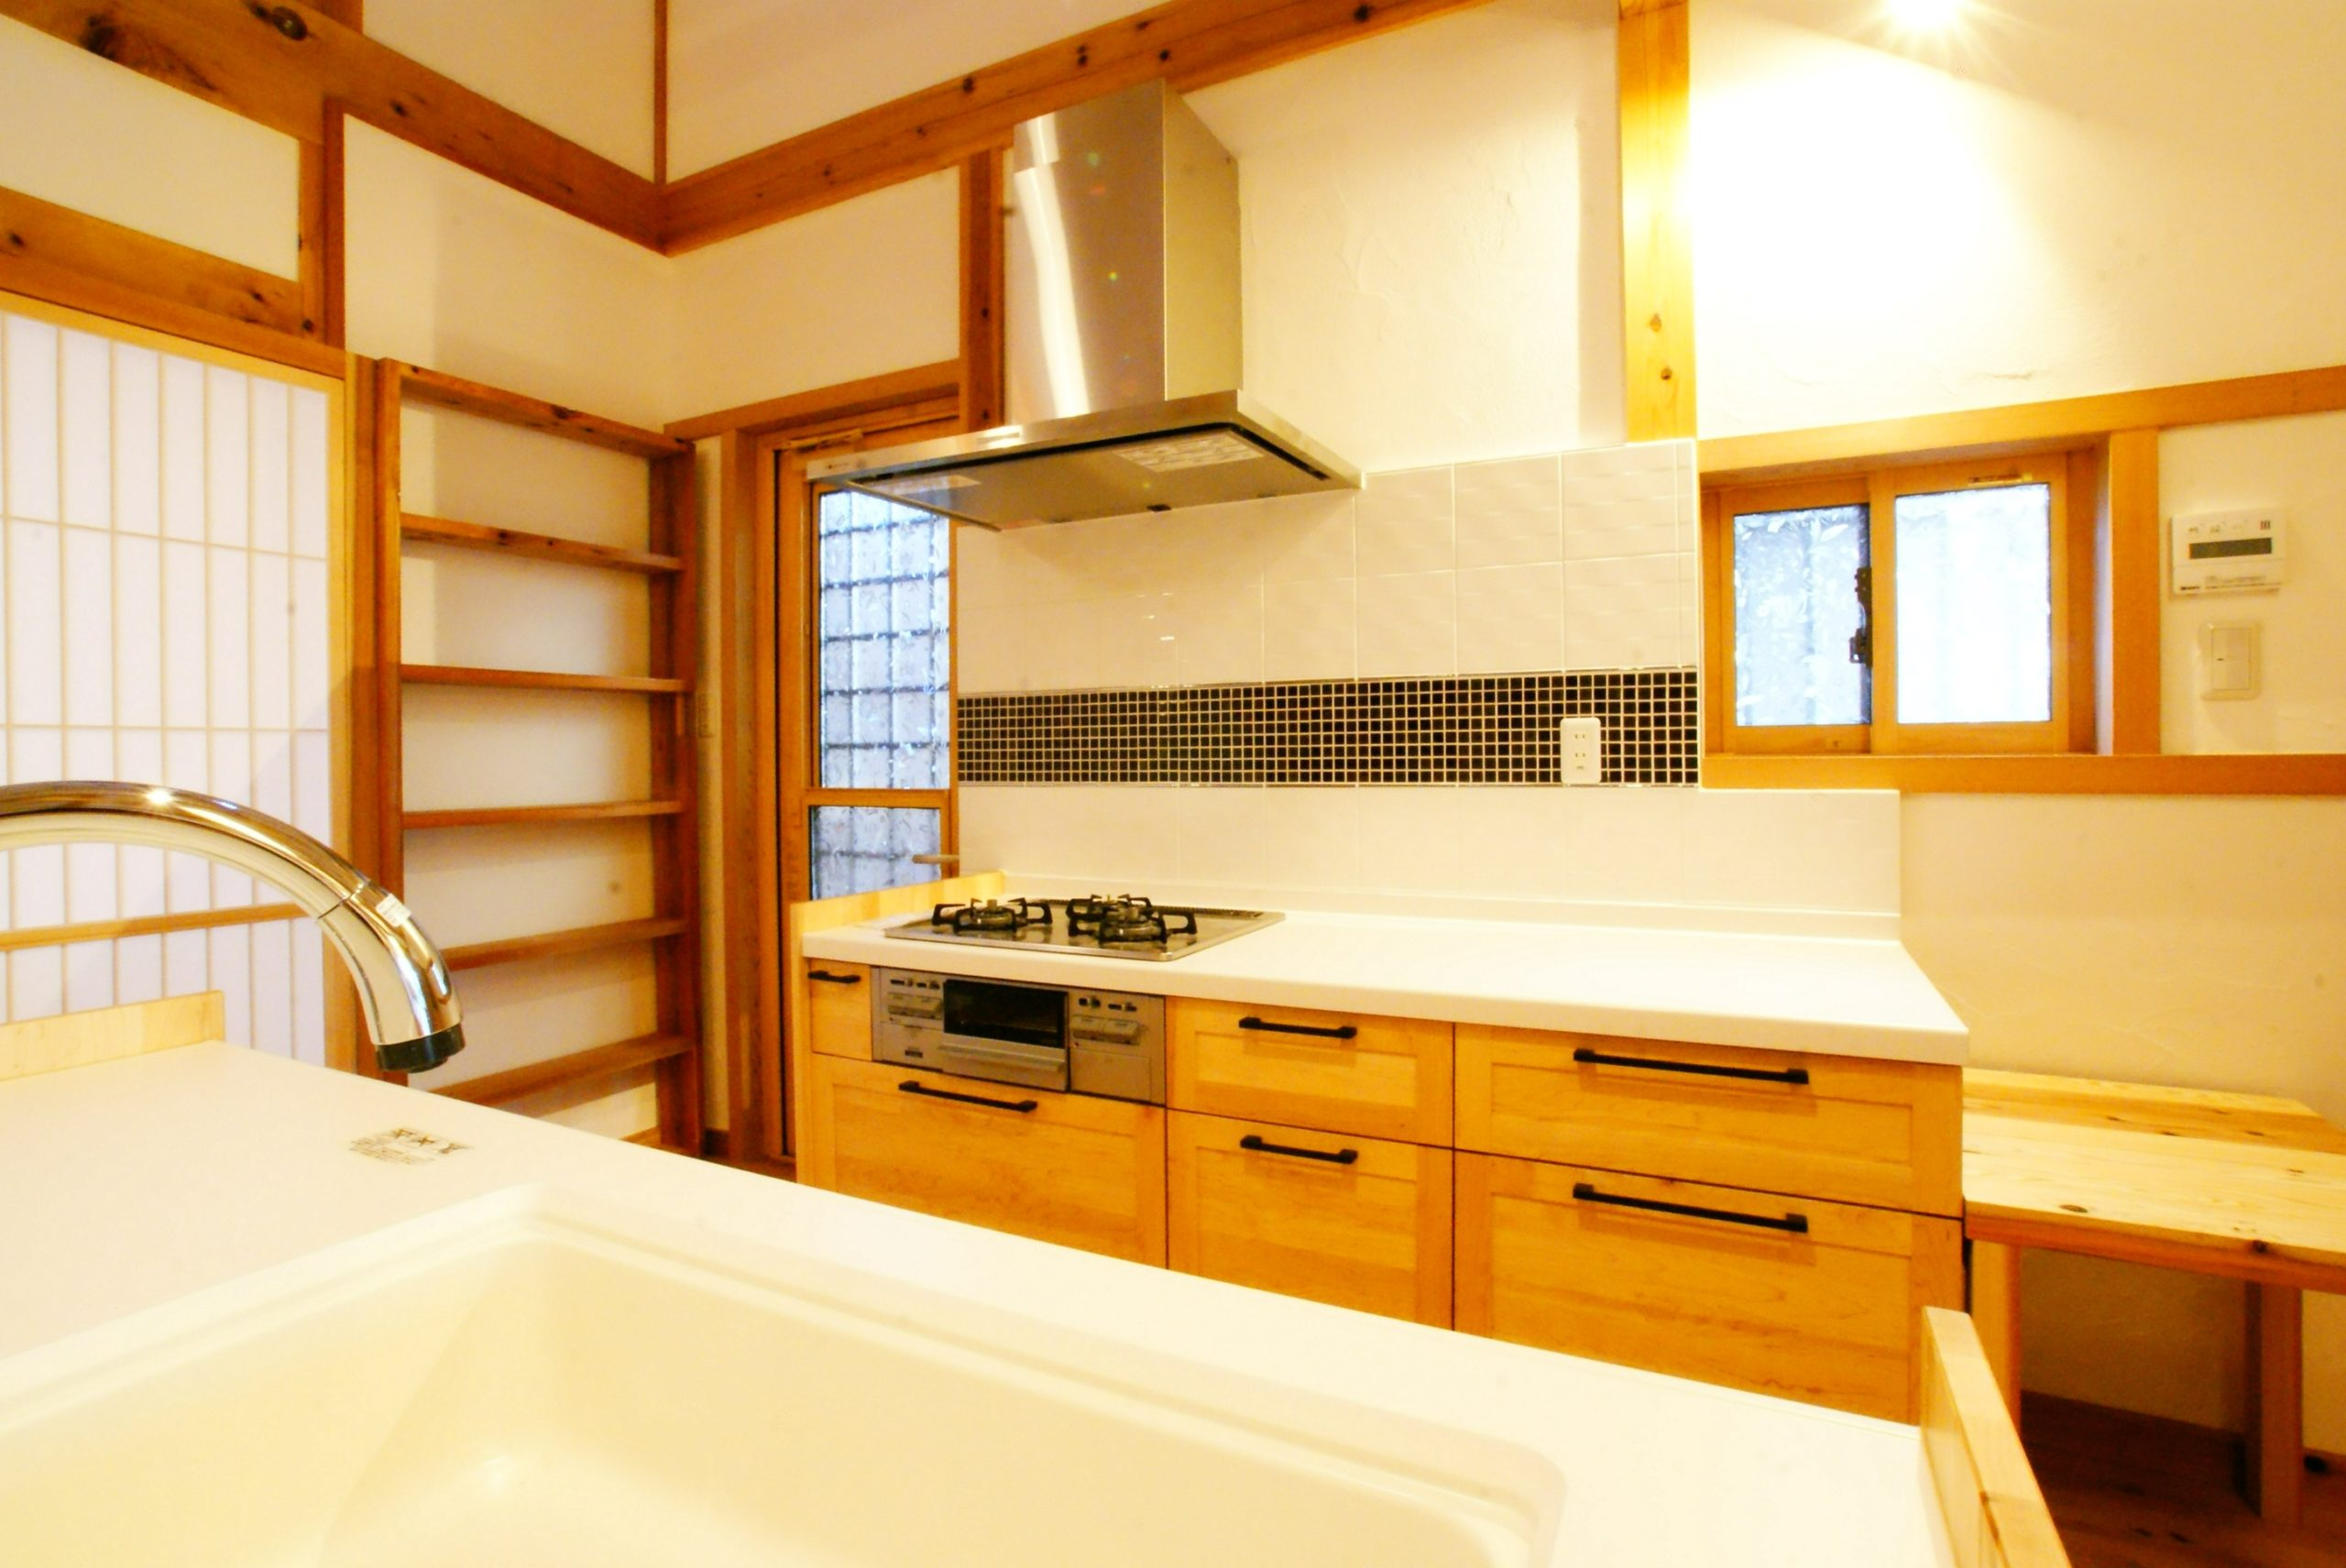 キッチン設置、木目もタイルも良い感じ。